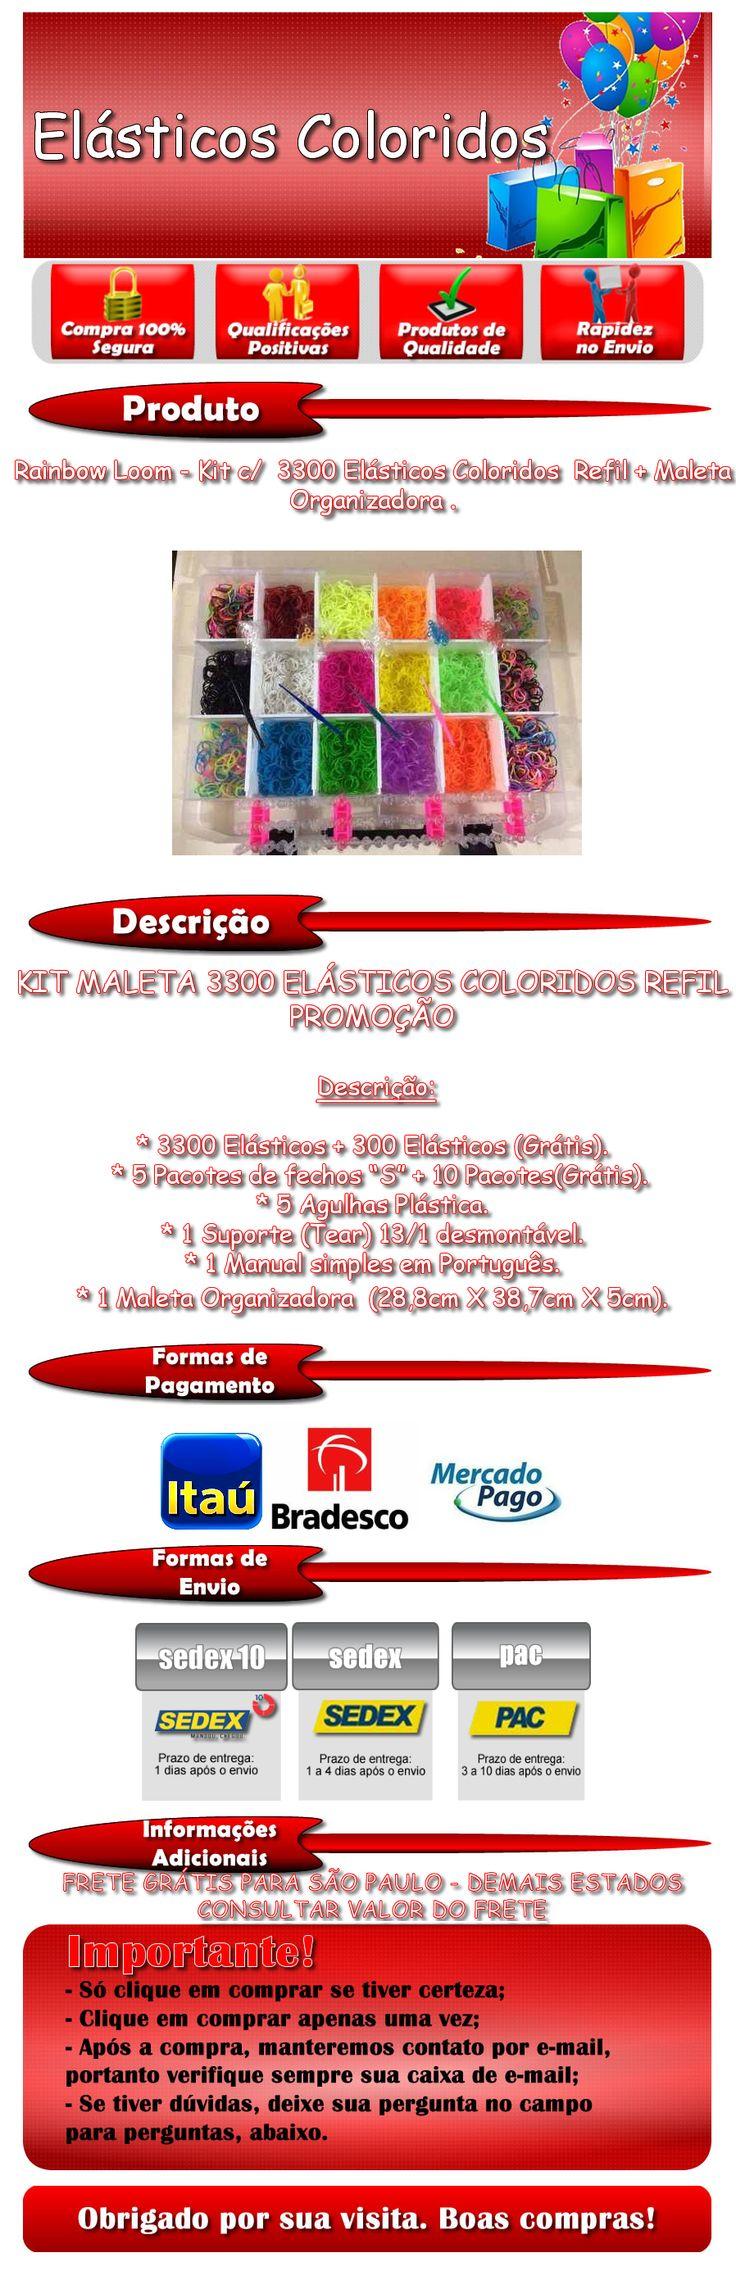 http://www.elasticoscoloridos.com.br- FABRICA DE PULSEIRAS ESTRELA PB KIDS-FABRICA DE PULSEIRAS RI HAPPY-FABRICA DE PULSEIRA ESTRELA- MAGICAL LOOM -PULSEIRAS DE ELASTICOS-PULSEIRAS GOMITAS-COMO FAZER PULSEIRAS DE ELASTICOS COLORIDOS-COMO FAZER PULSEIRA ELASTICO PASSO A PASSO-COMO FAZER PULSEIRA DE ELASTICO ESCAMA DE DRAGAO-FABRICA DE PULSEIRA FAZ DE VERDADE ESTRELA-AGULHA INOX PARA FAZER PULSEIRA ELASTICO- https://www.facebook.com/pages/El%C3%A1sticos-Coloridos/844302925622086-